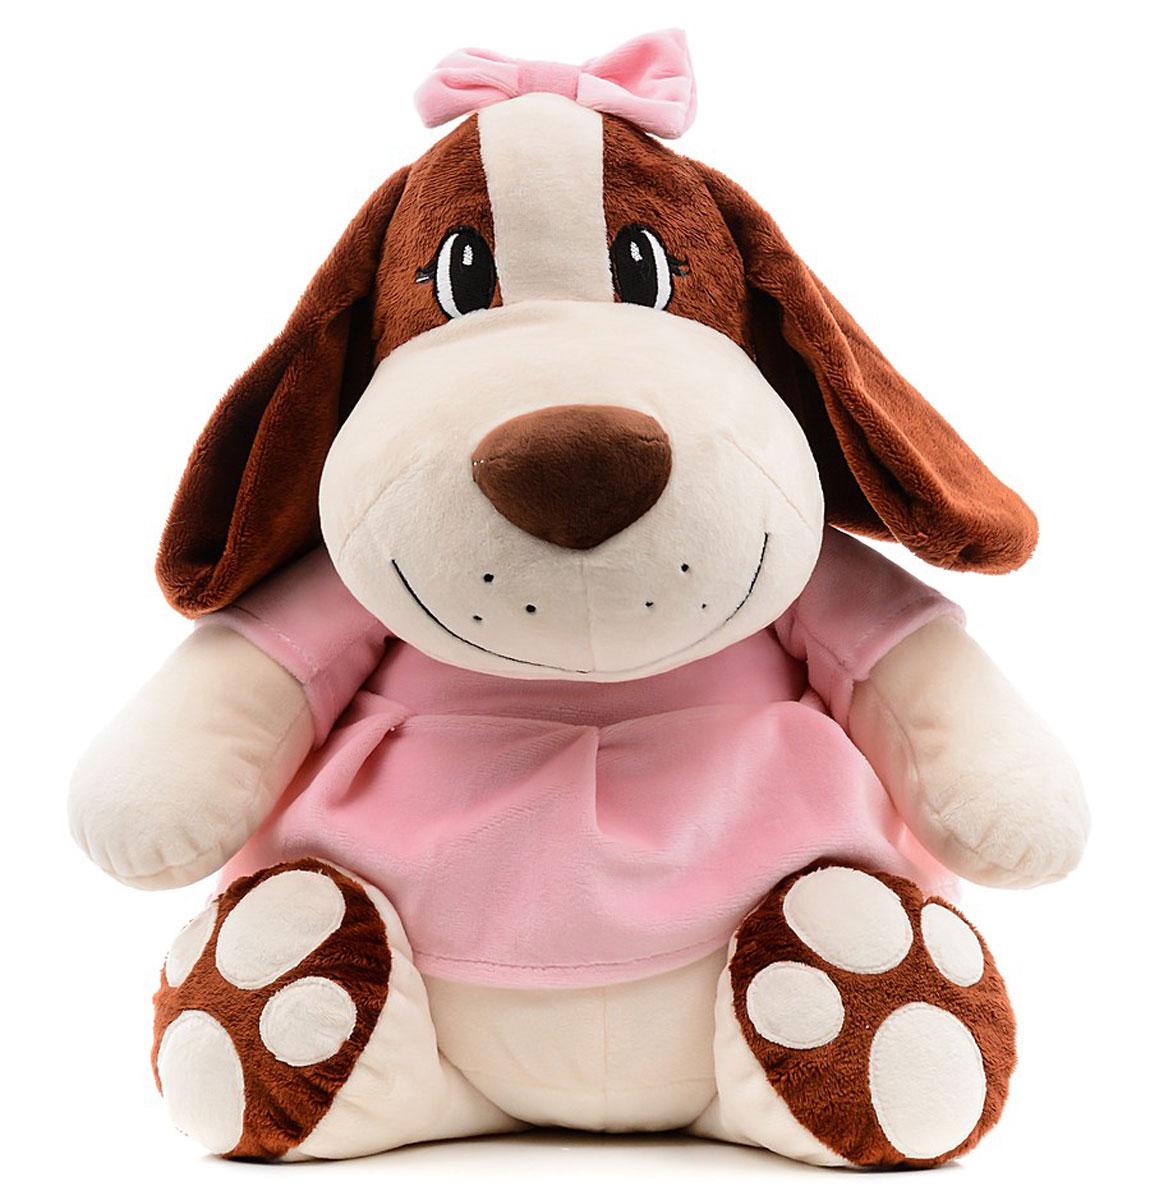 СмолТойс Мягкая игрушка Собачка Сонечка 47 см малышарики мягкая игрушка собачка 25 см